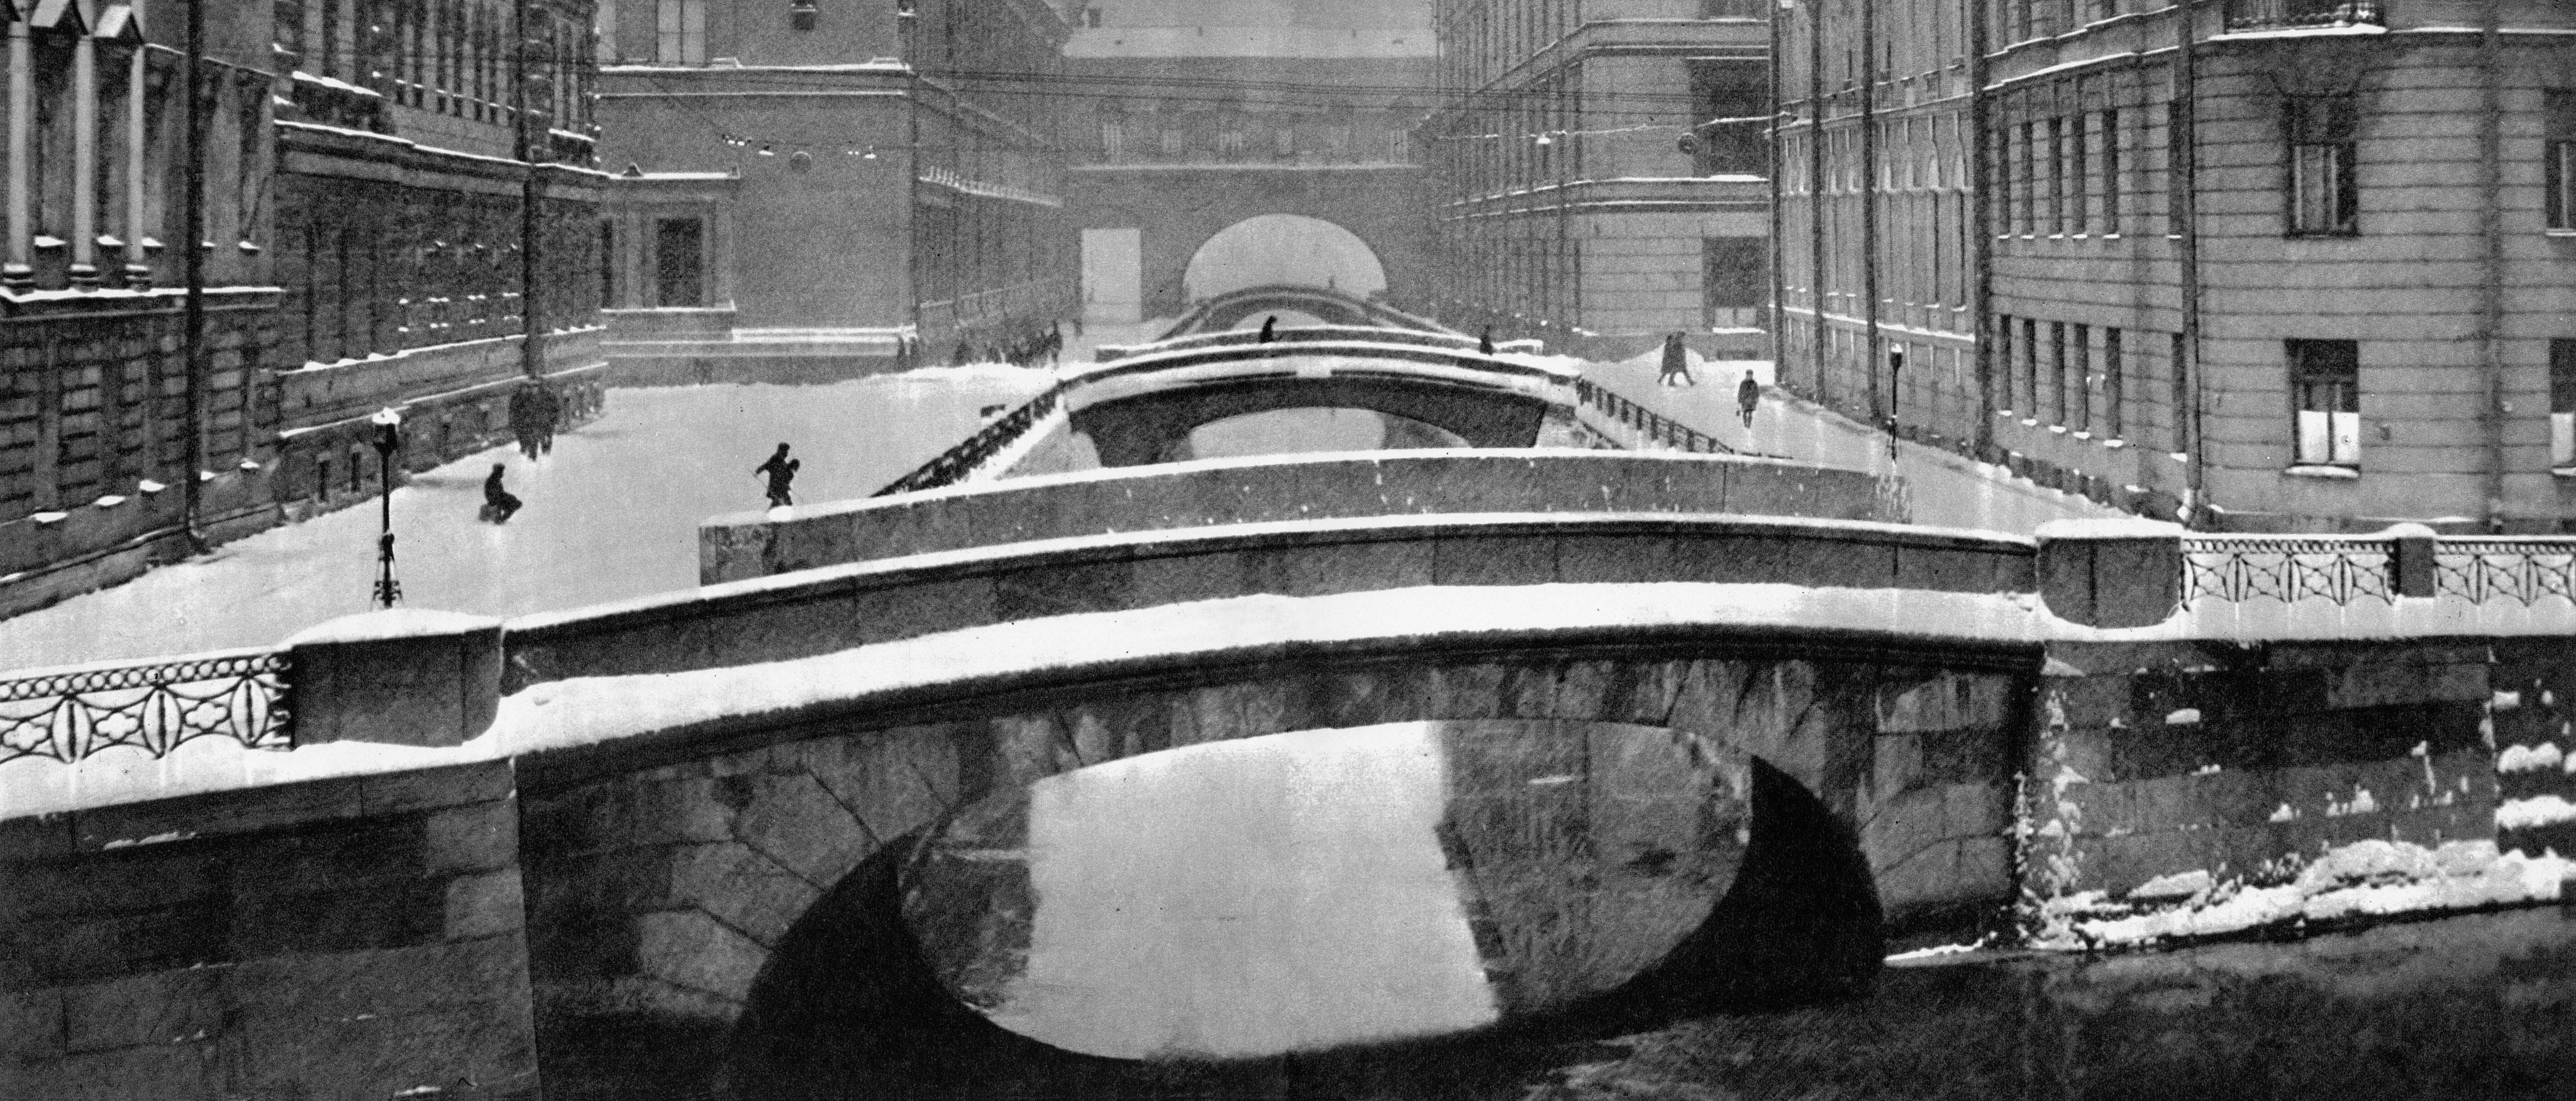 Зимняя канавка / Winter Canal